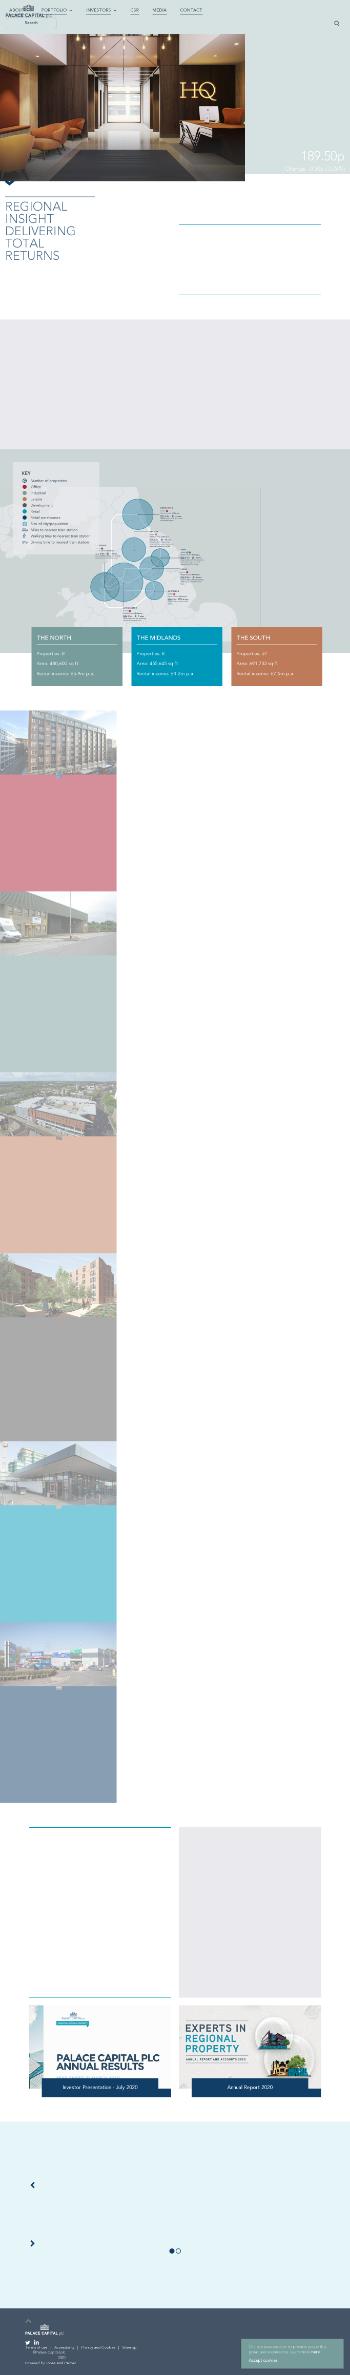 Palace Capital Plc Website Screenshot